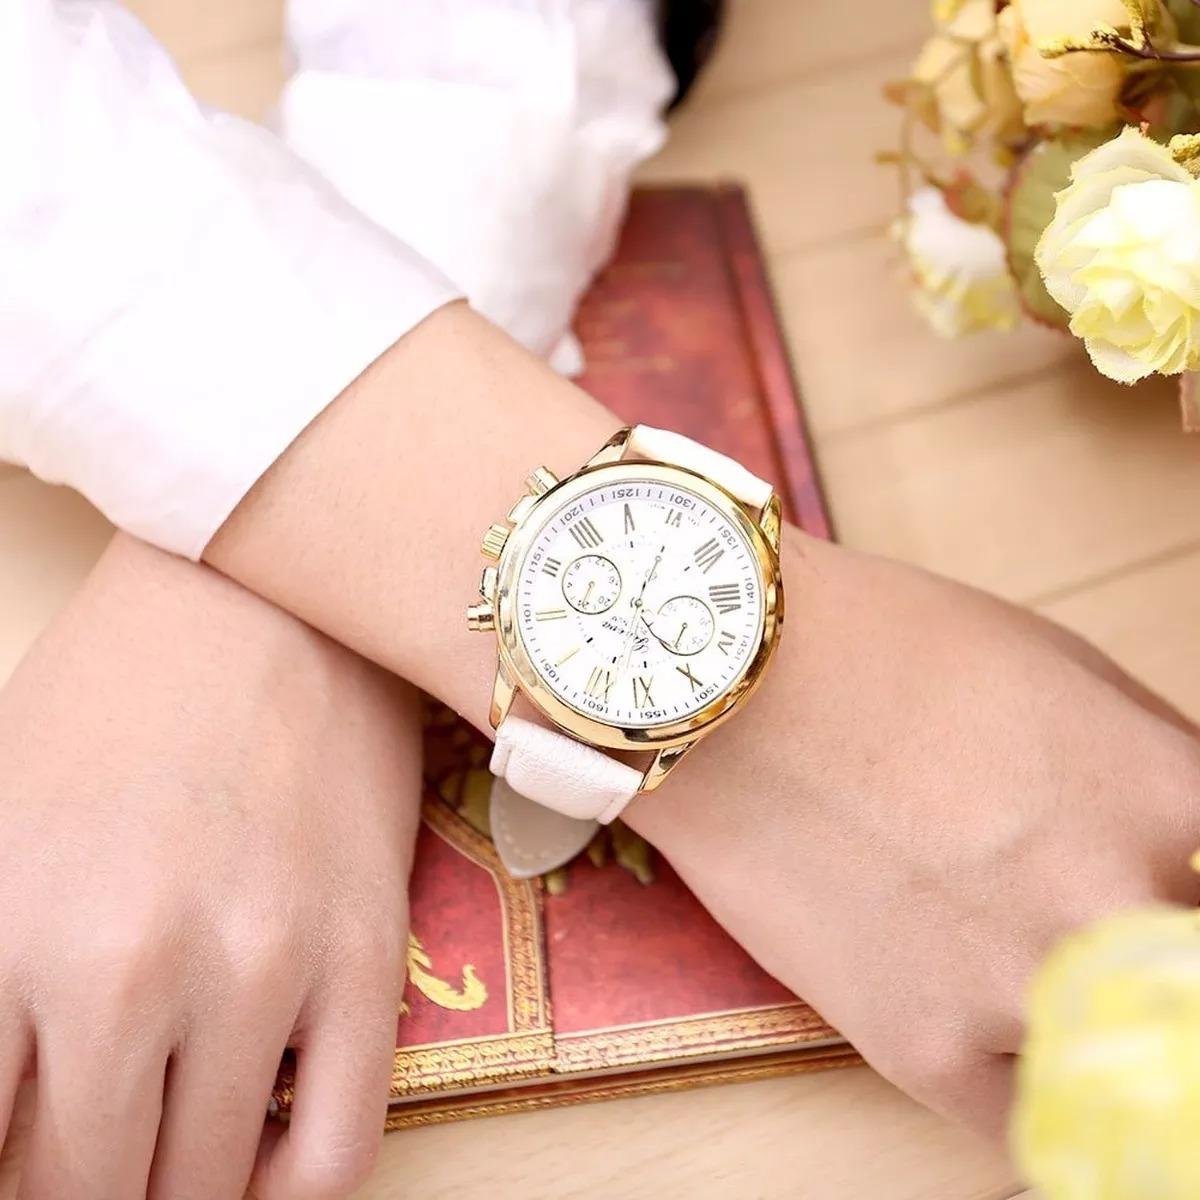 932db9589df relógio feminino geneva pulseira em couro menor preço. Carregando zoom.